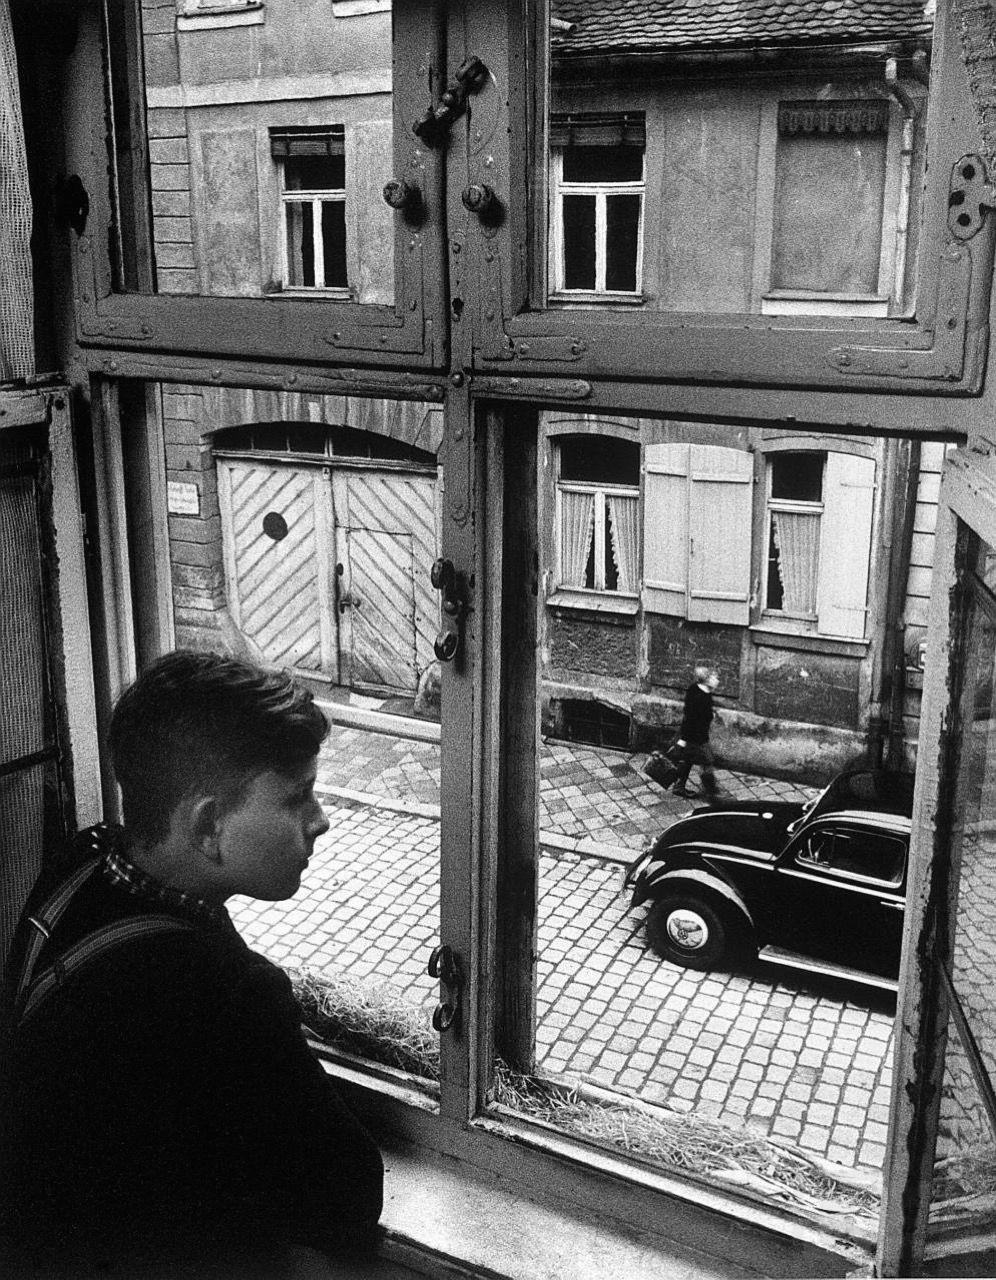 Carl Mydans (US) • Ansbach • 1954